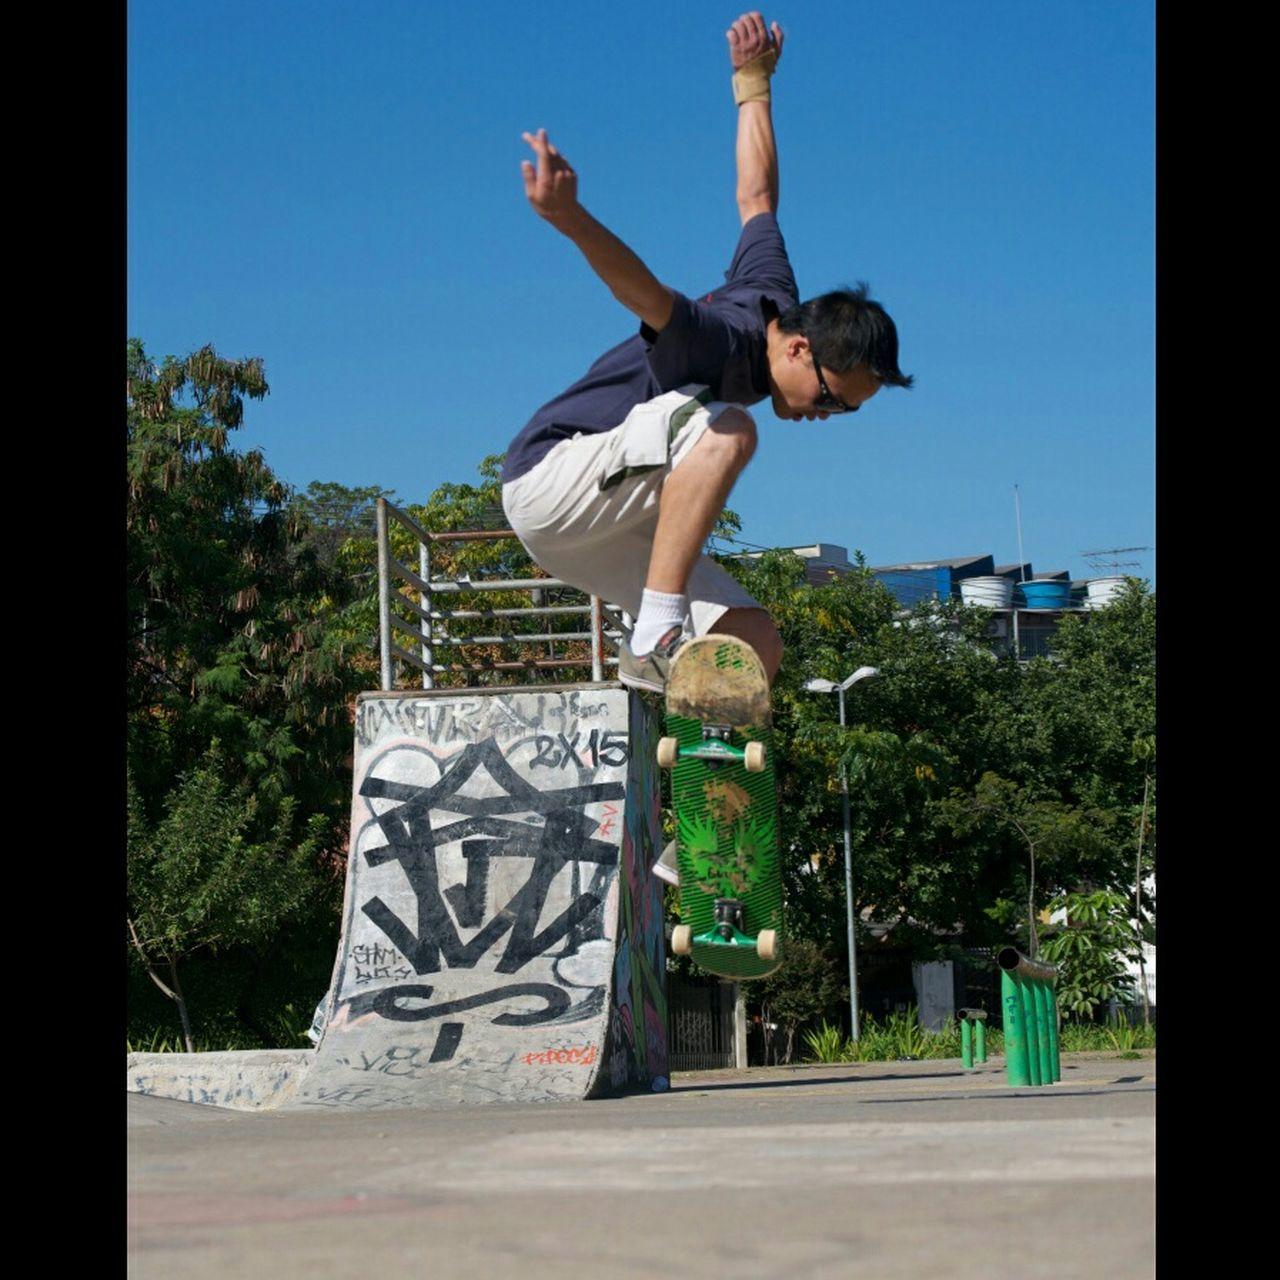 Enjoying Life Skateboarding Skatelife Skateboard Skate Sk8 Sk8orDie